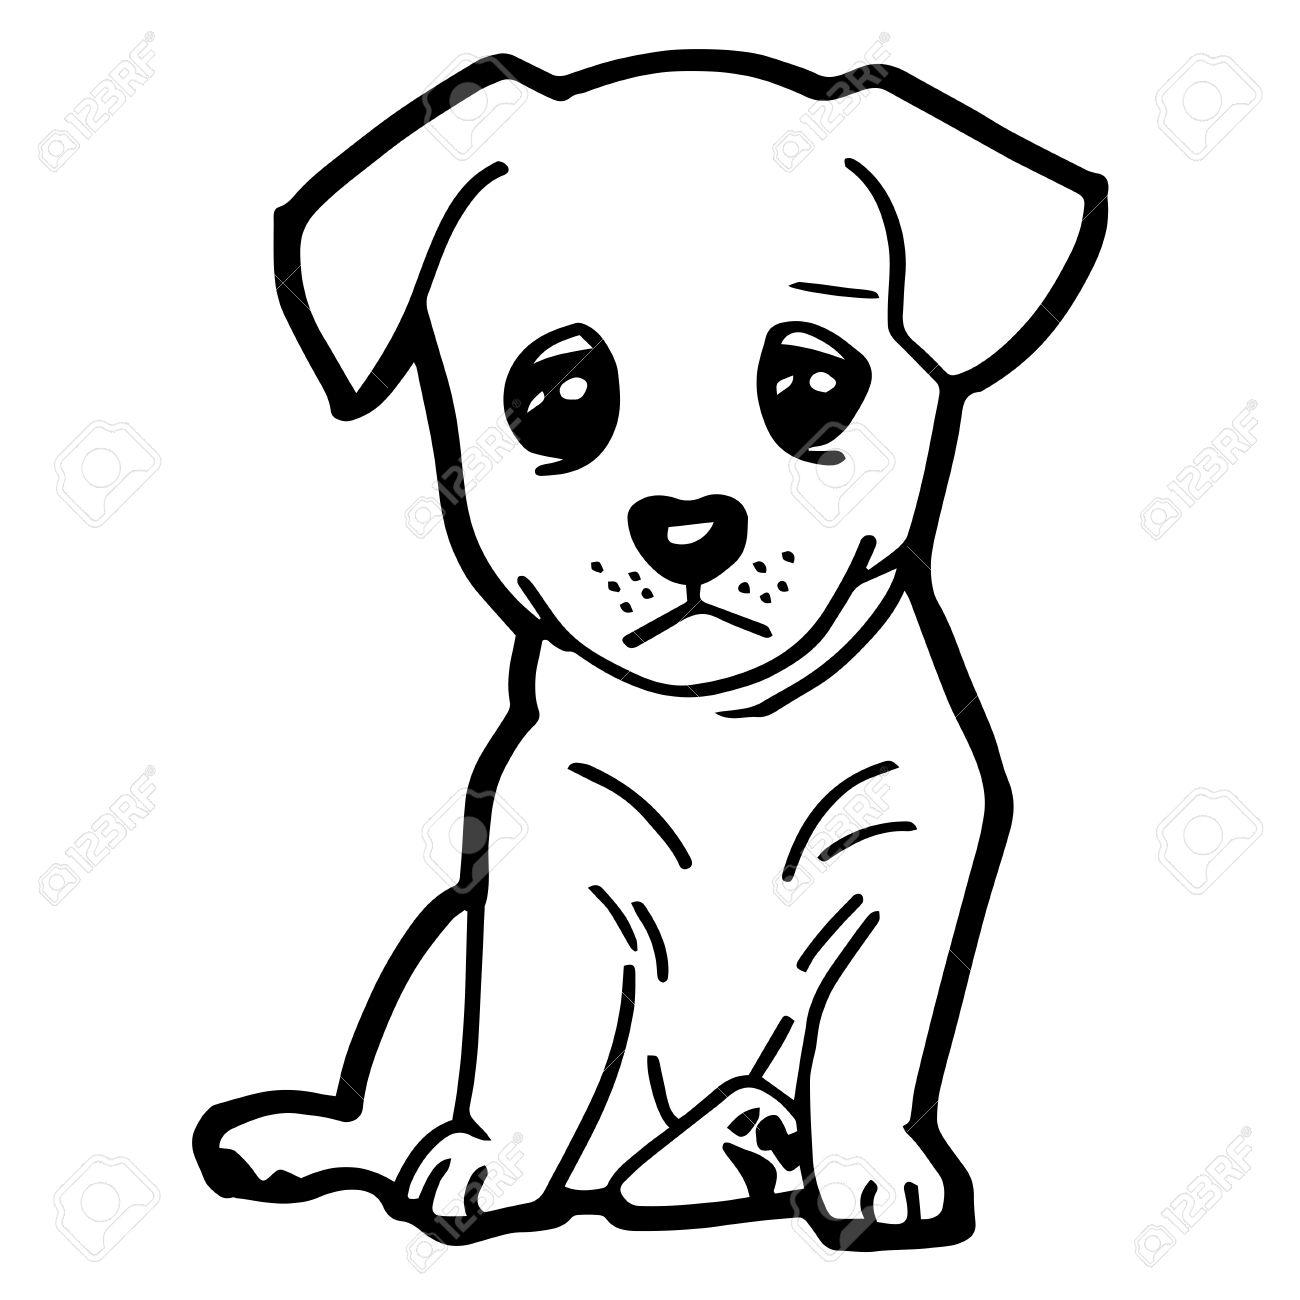 Imagenes De Perros Dibujados